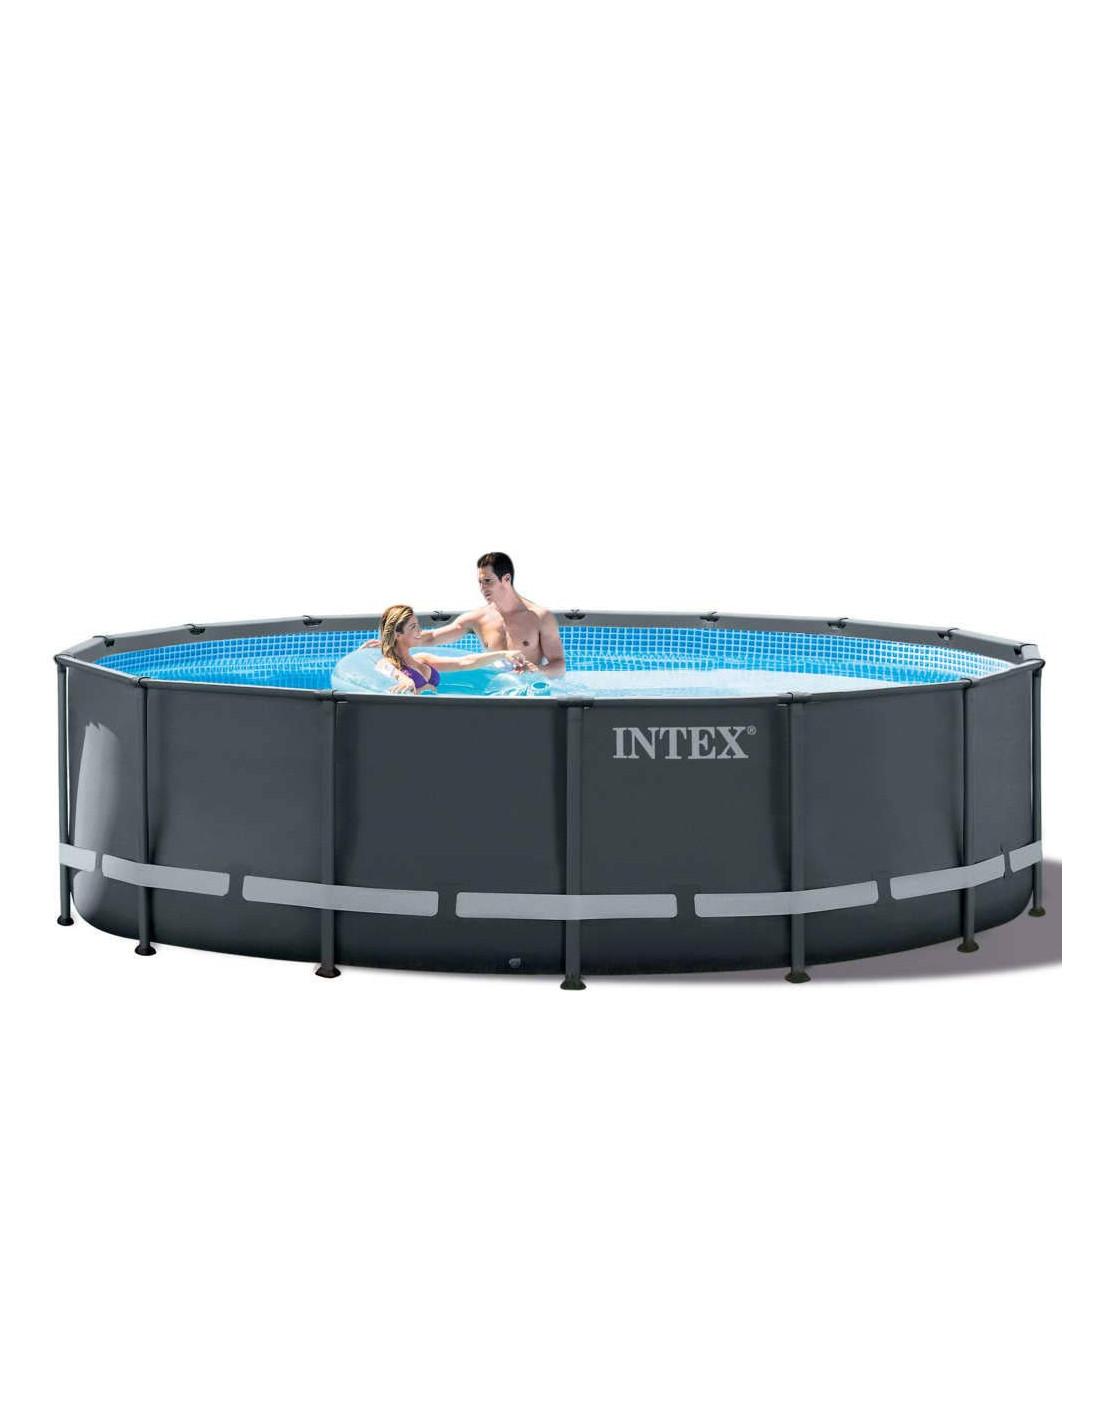 Eclairage Pour Piscine Tubulaire intex kit piscine tubulaire ultra xtr ronde 4,88 x 1,22 m